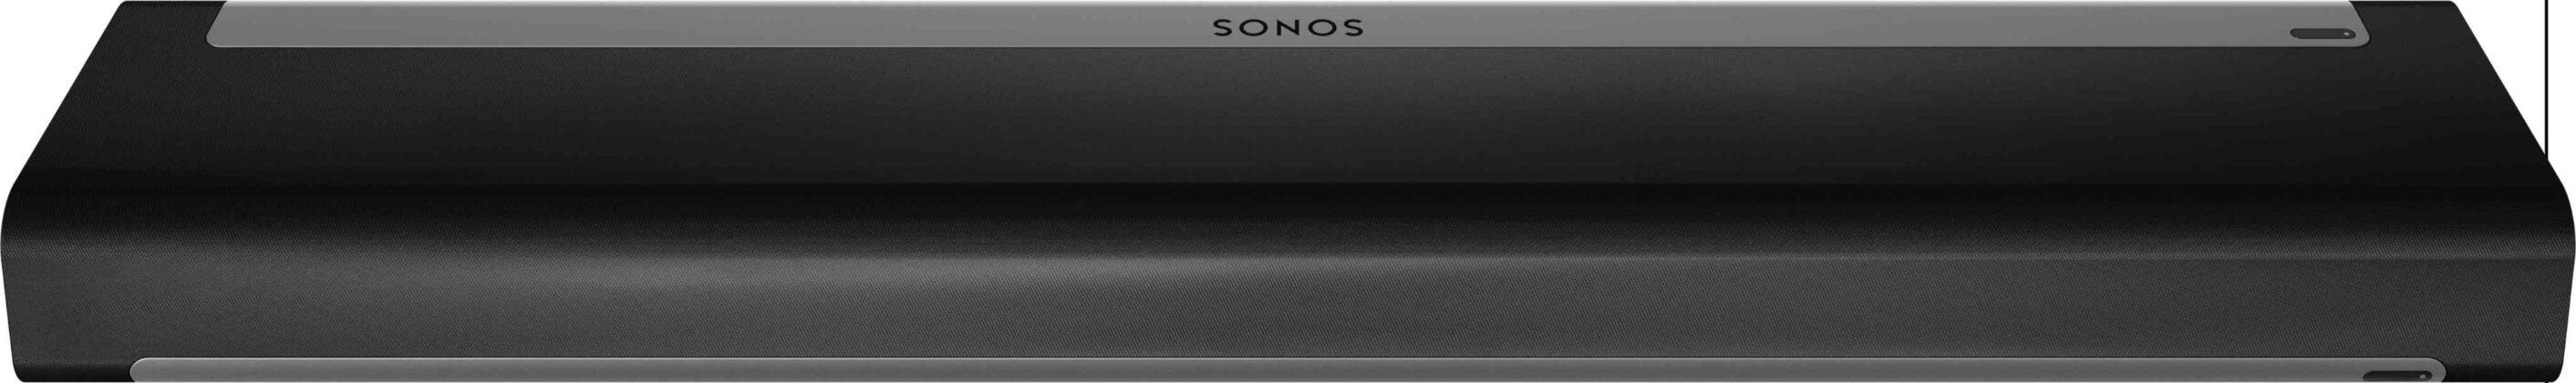 Sonos Arc banc d'essai